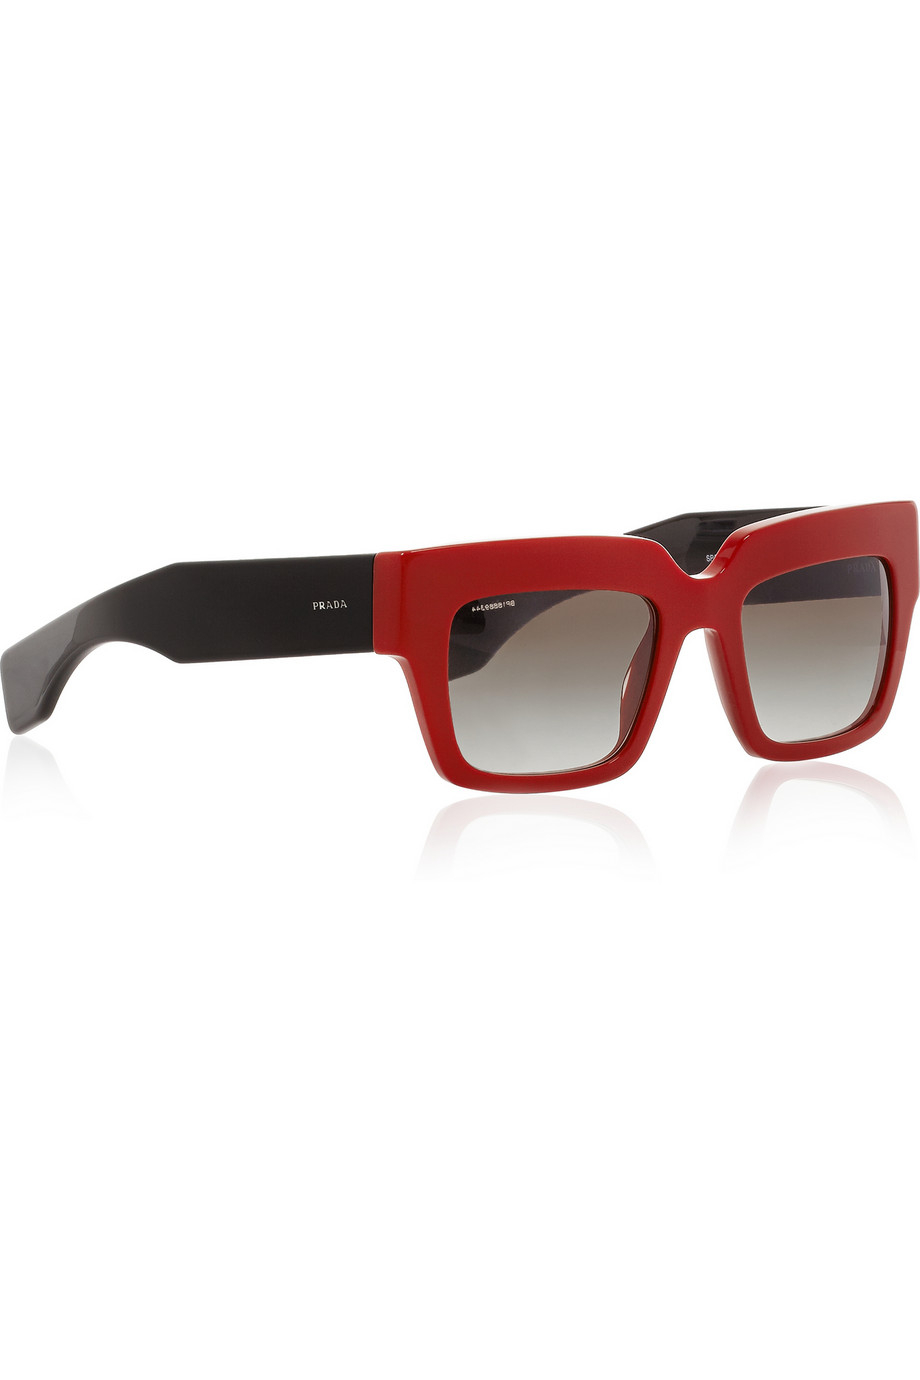 Square-frame Acetate And Silver-tone Sunglasses - Red Prada 1C2vD9G